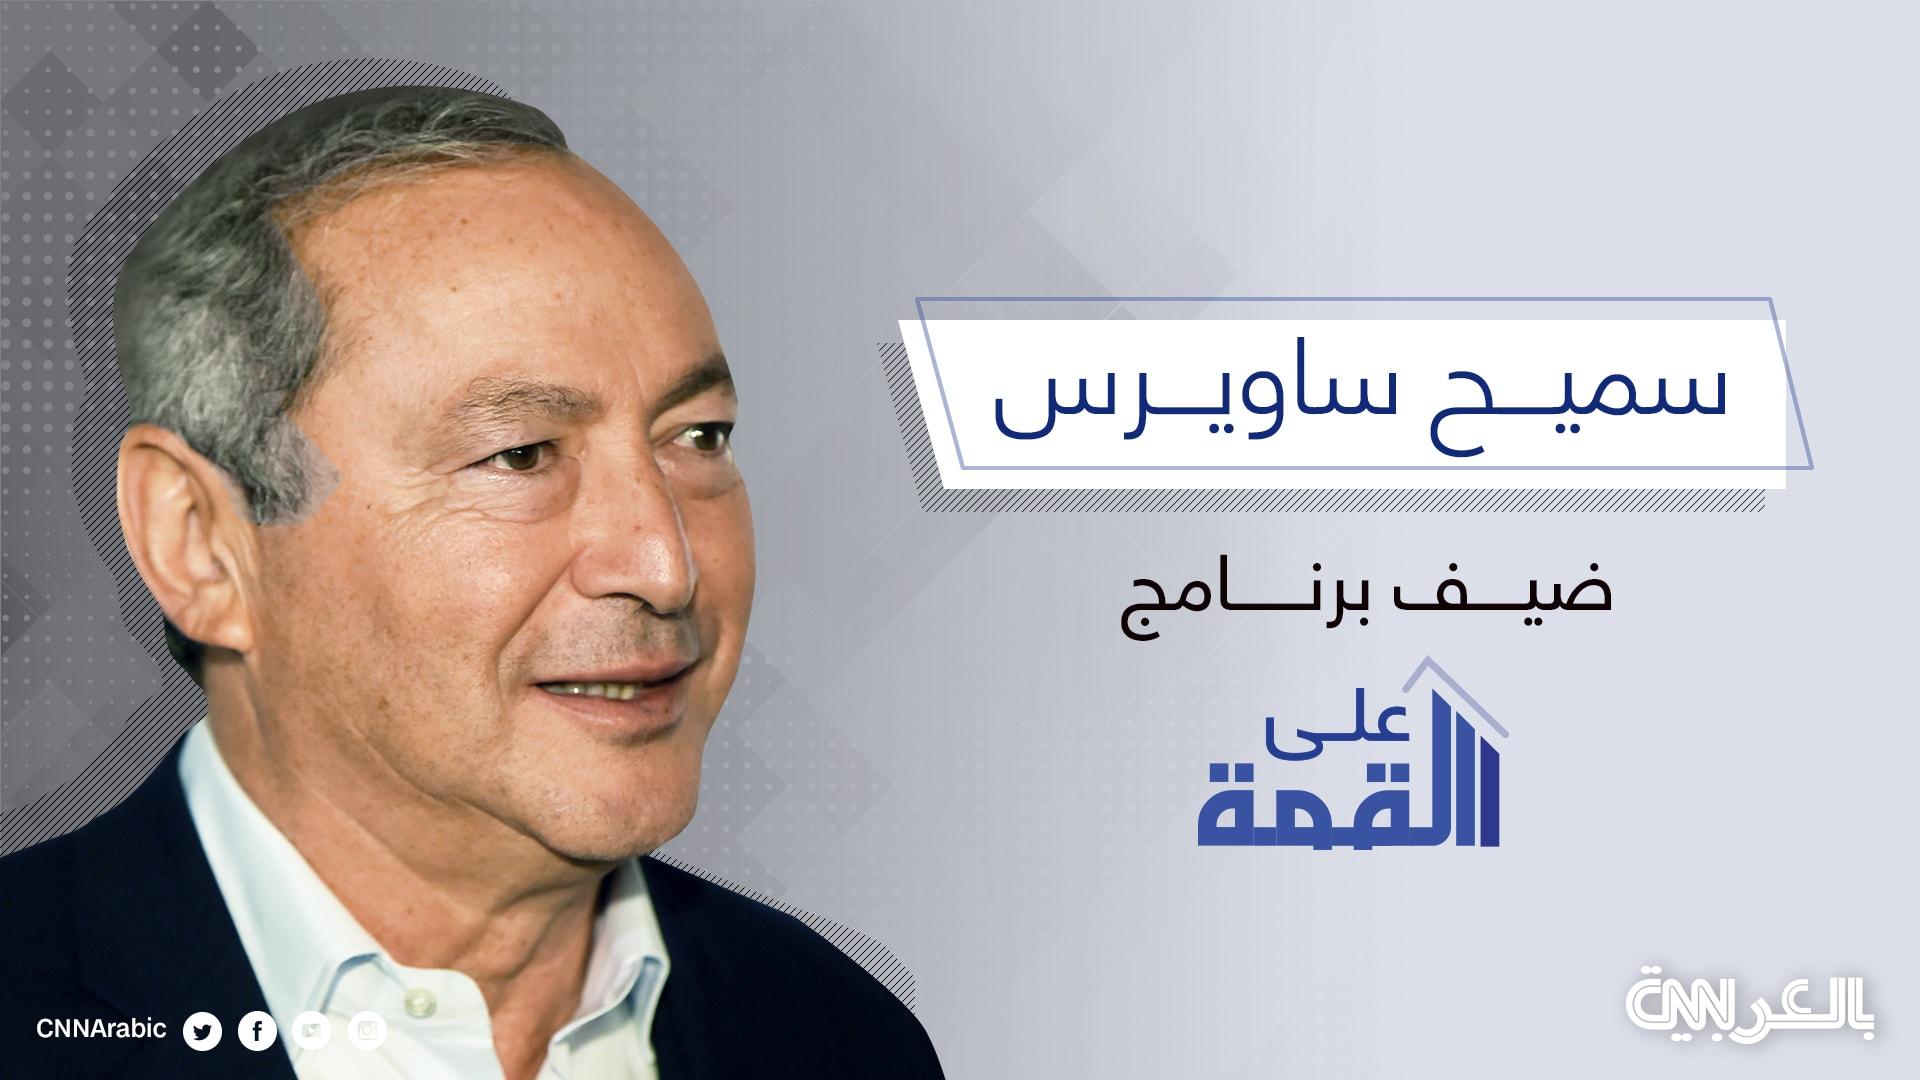 سميح ساويرس: سر نجاحي هو نصيحتان أعطاني إياهما والدي